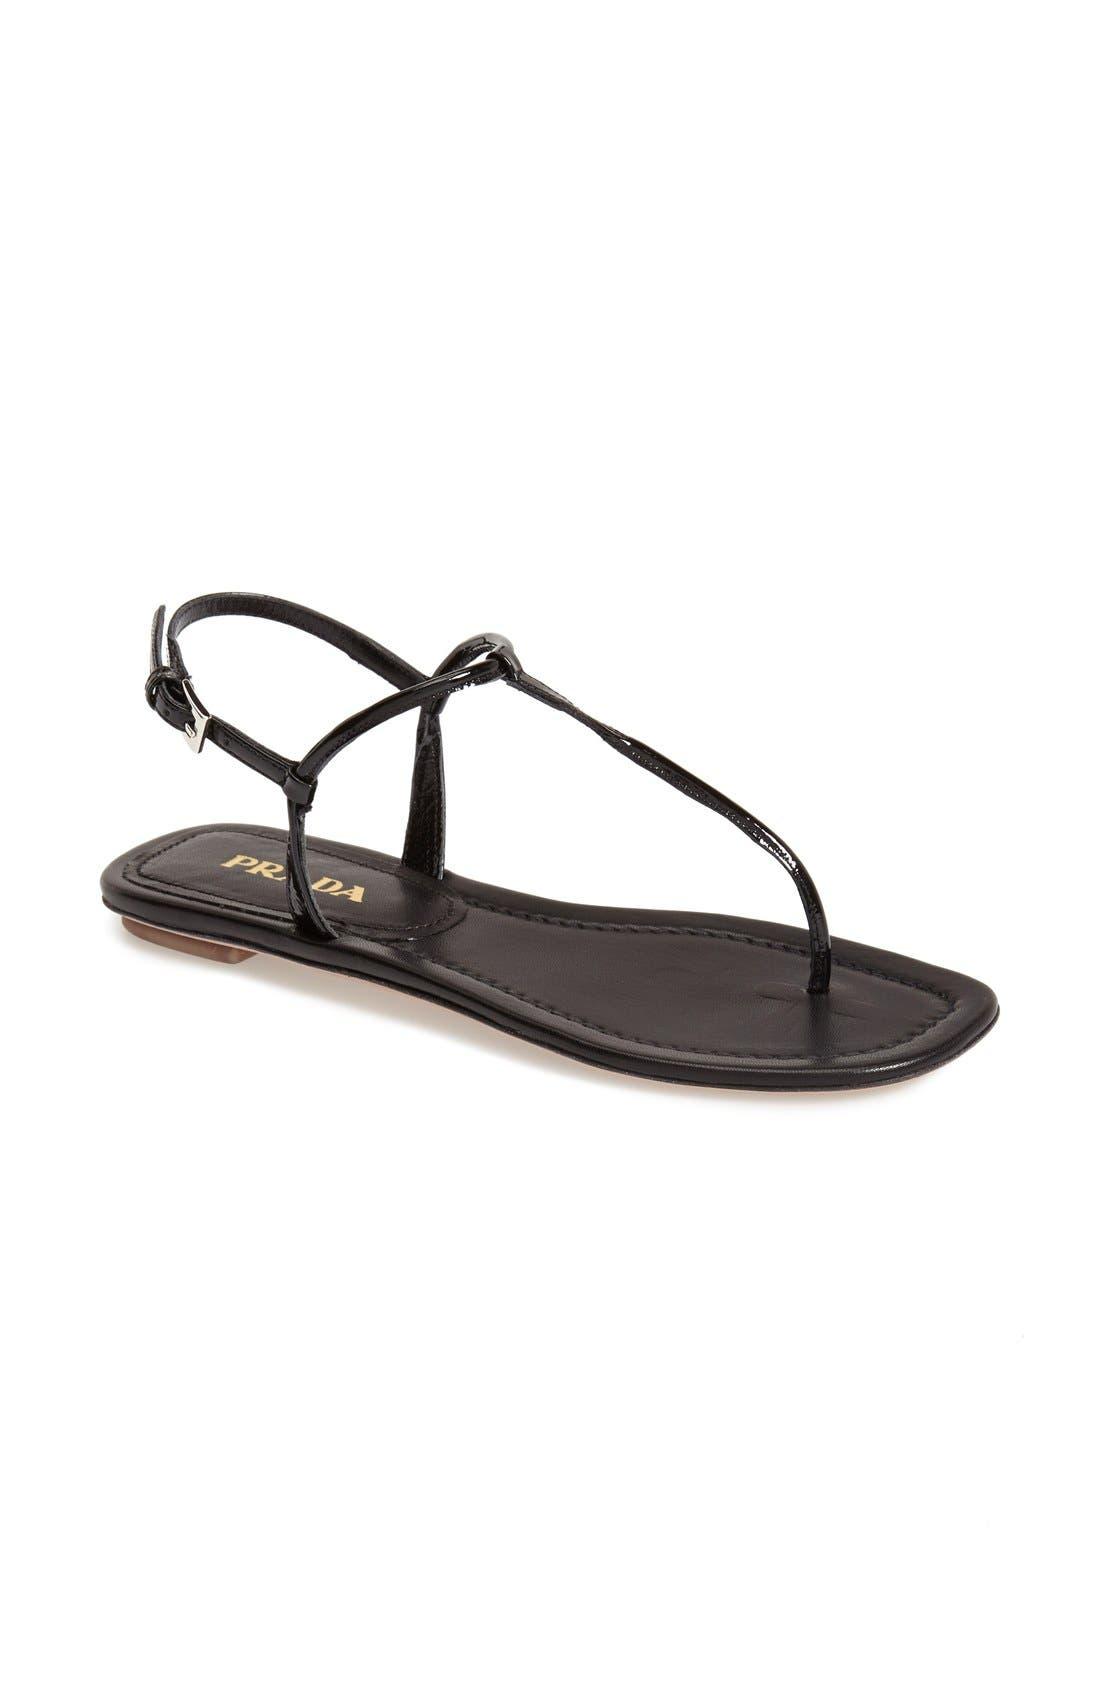 Alternate Image 1 Selected - Prada T-Strap Thong Sandal